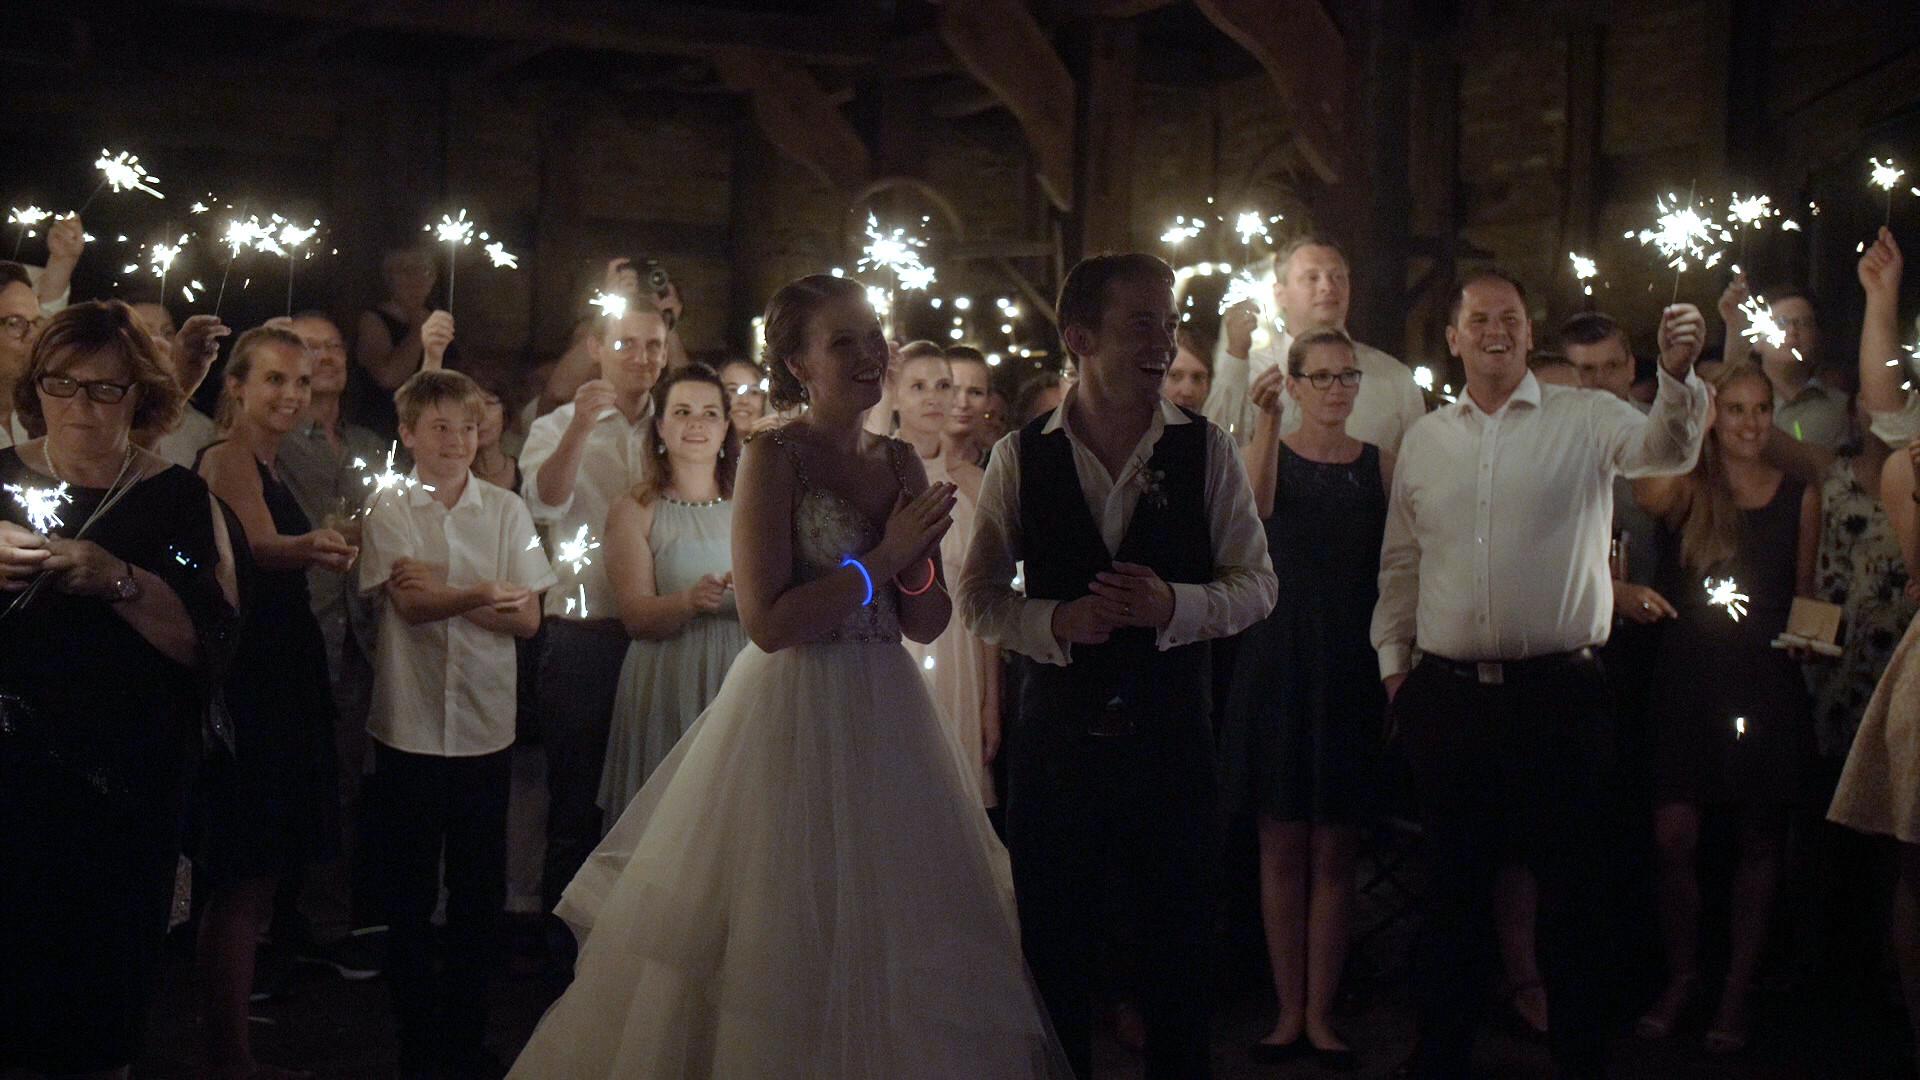 Brautpaar mit Gästen | Lux et Umbra Hochzeitsvideografie